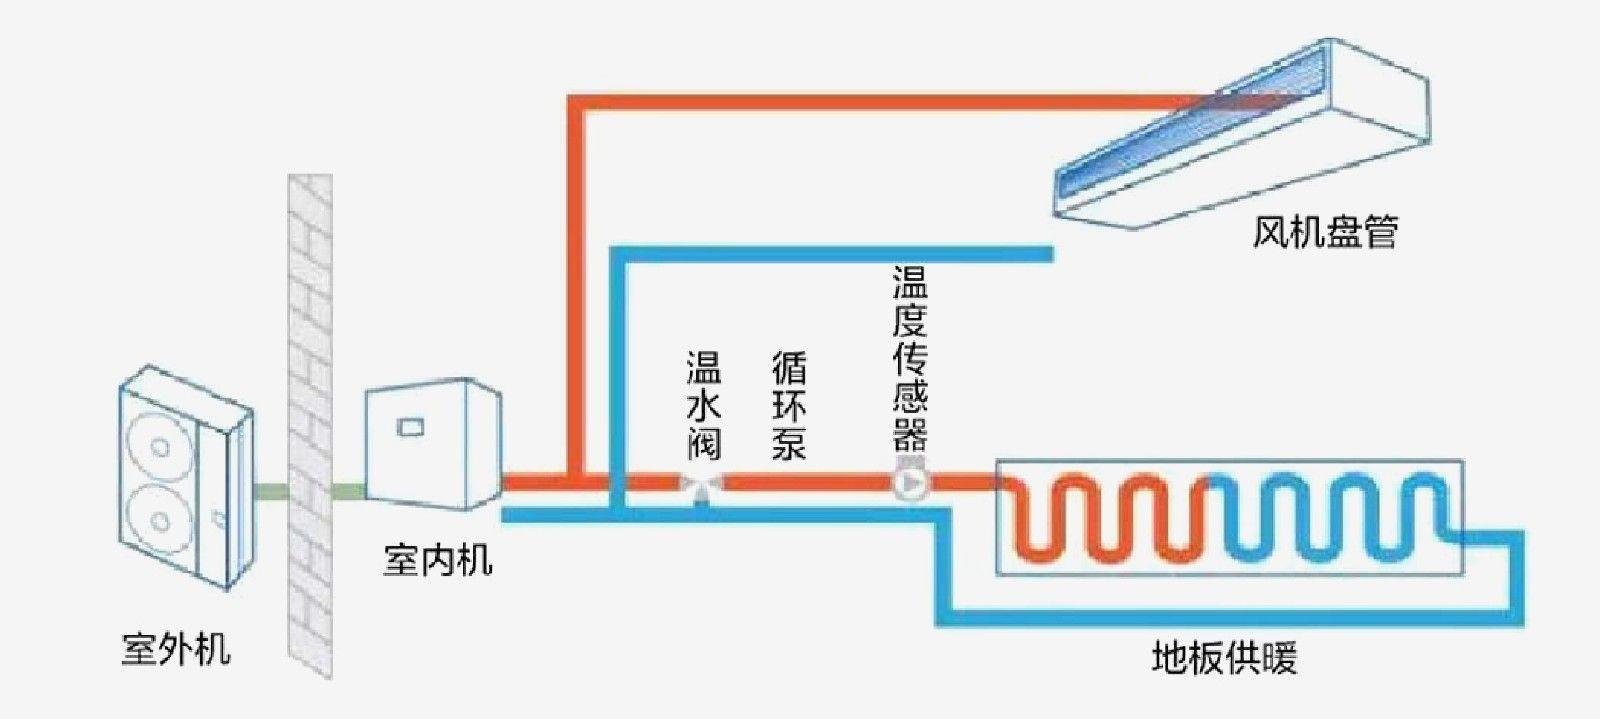 产品中心-系统-空气源热泵二联供详情页-02.jpg